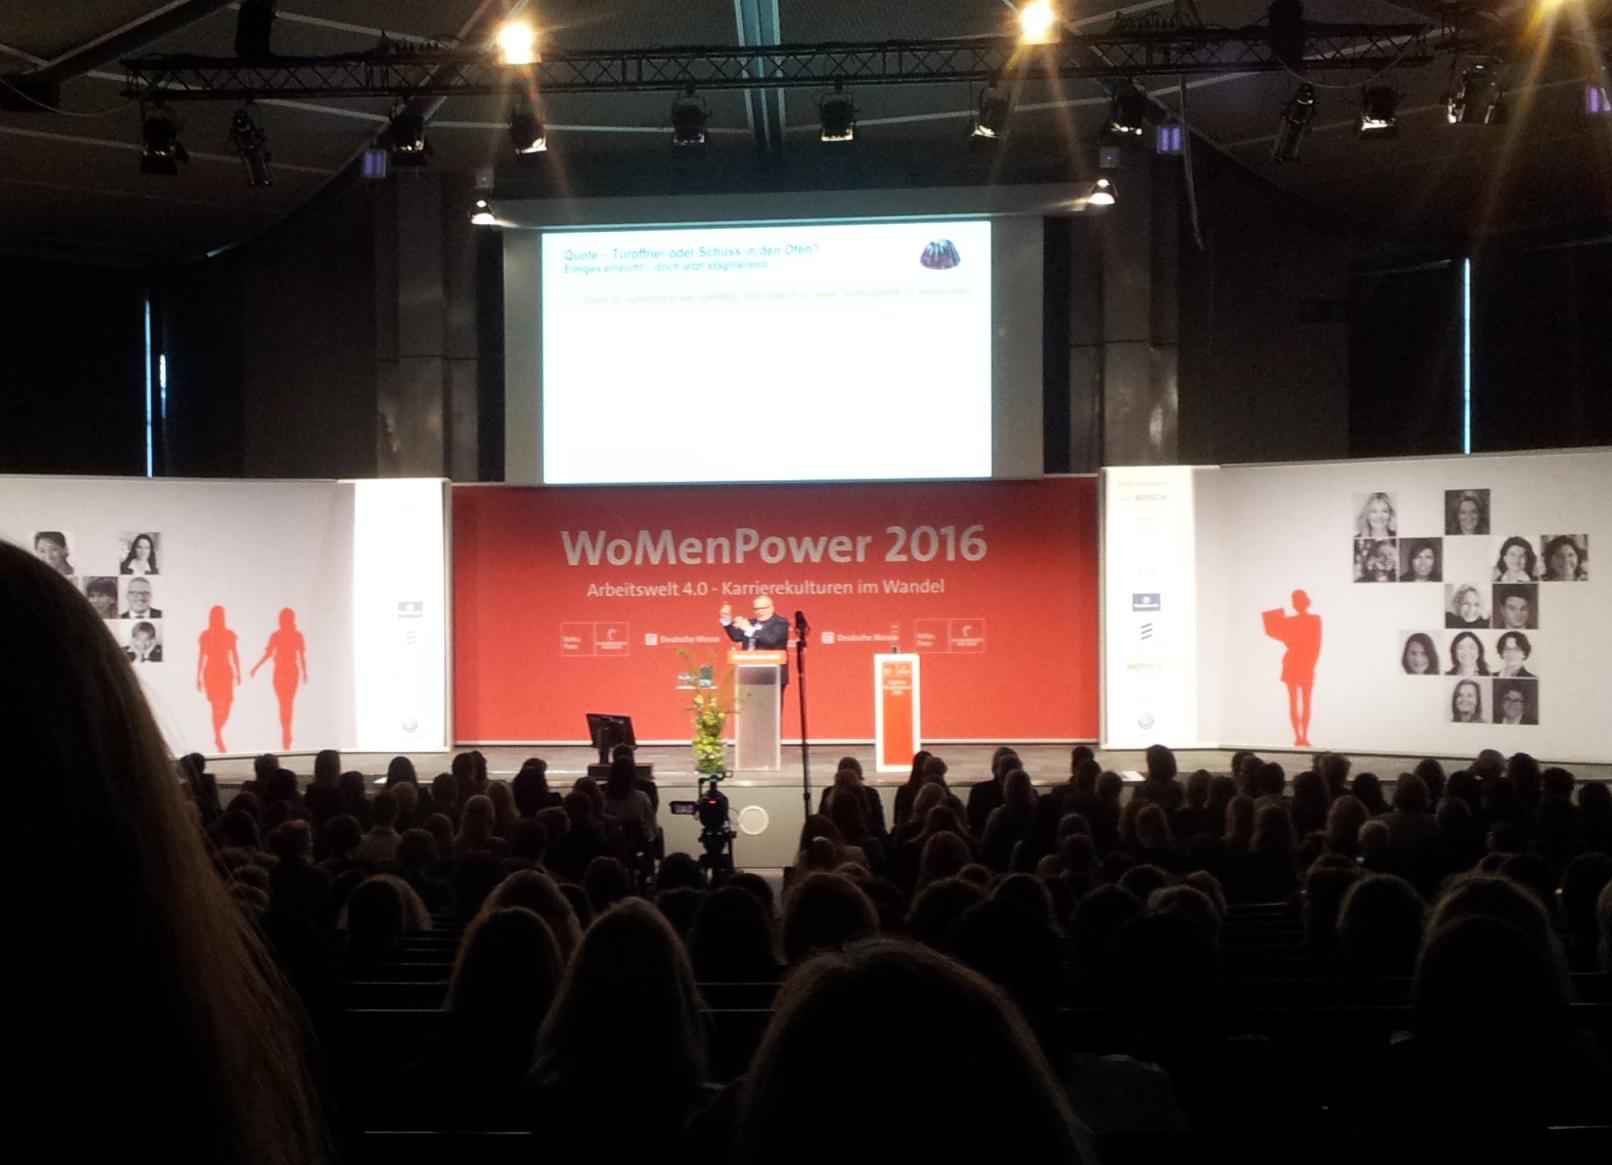 WoMenPower 2016